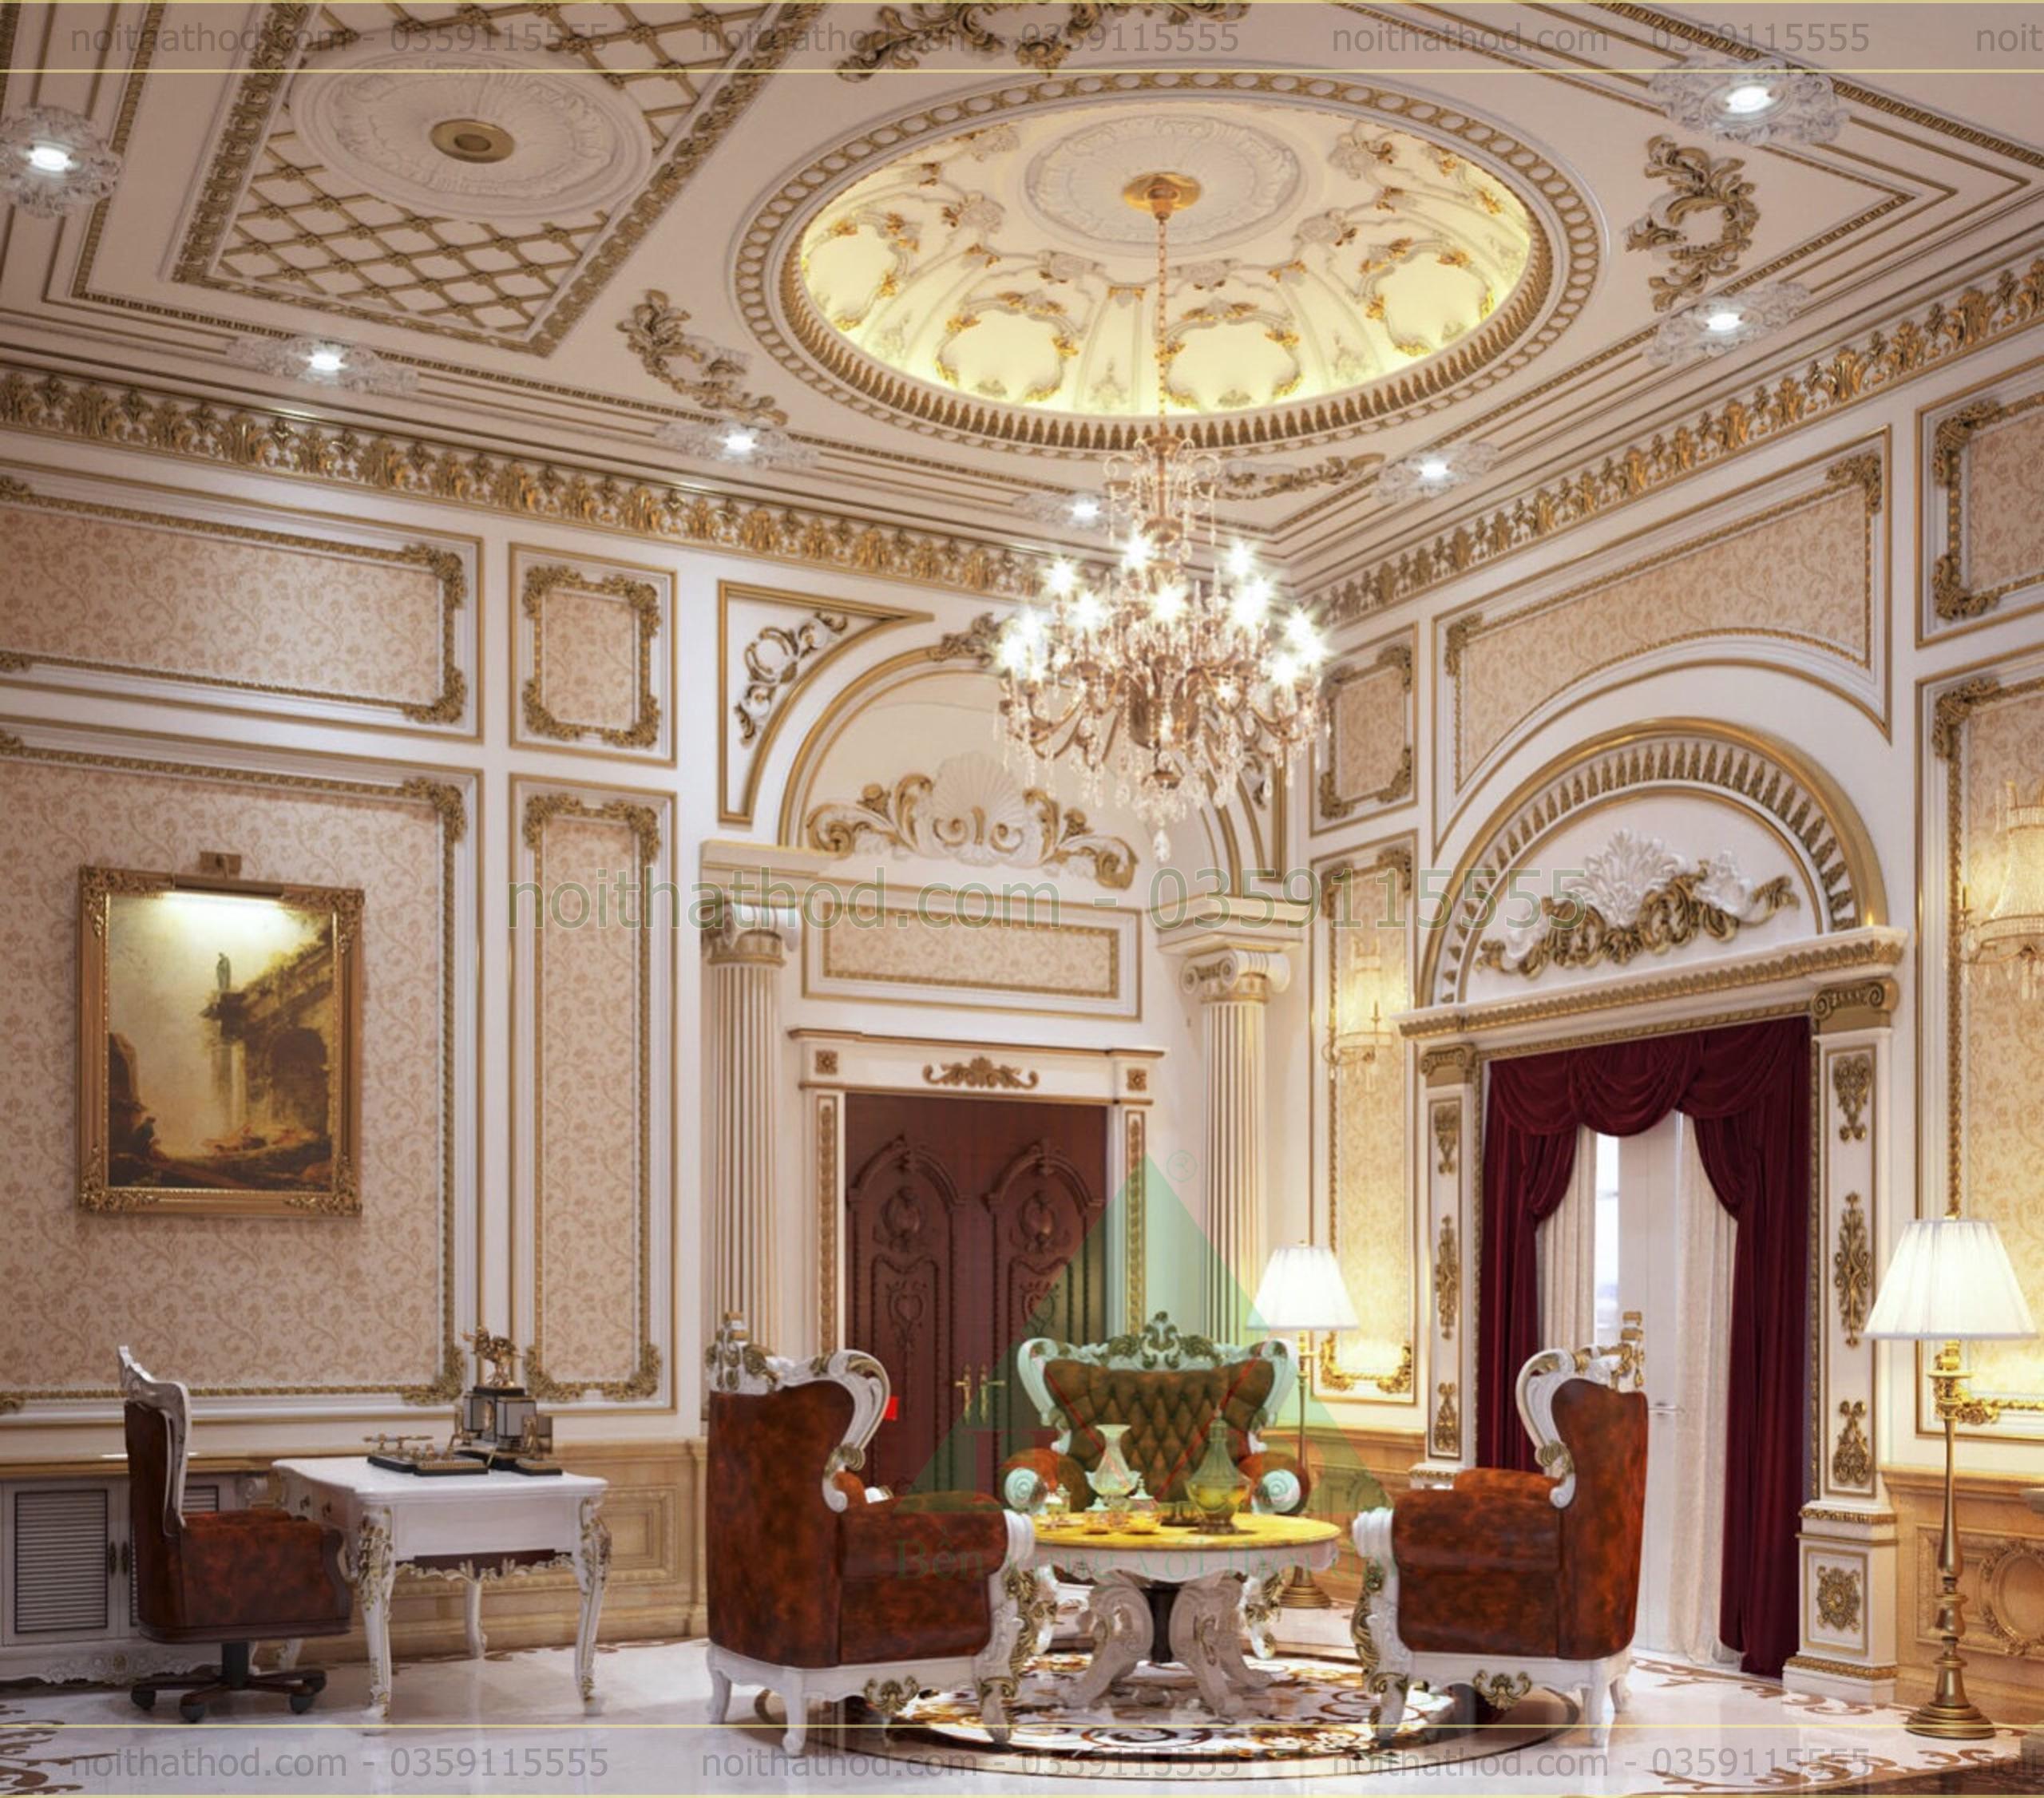 Thiết kế phòng khách dinh thự 3